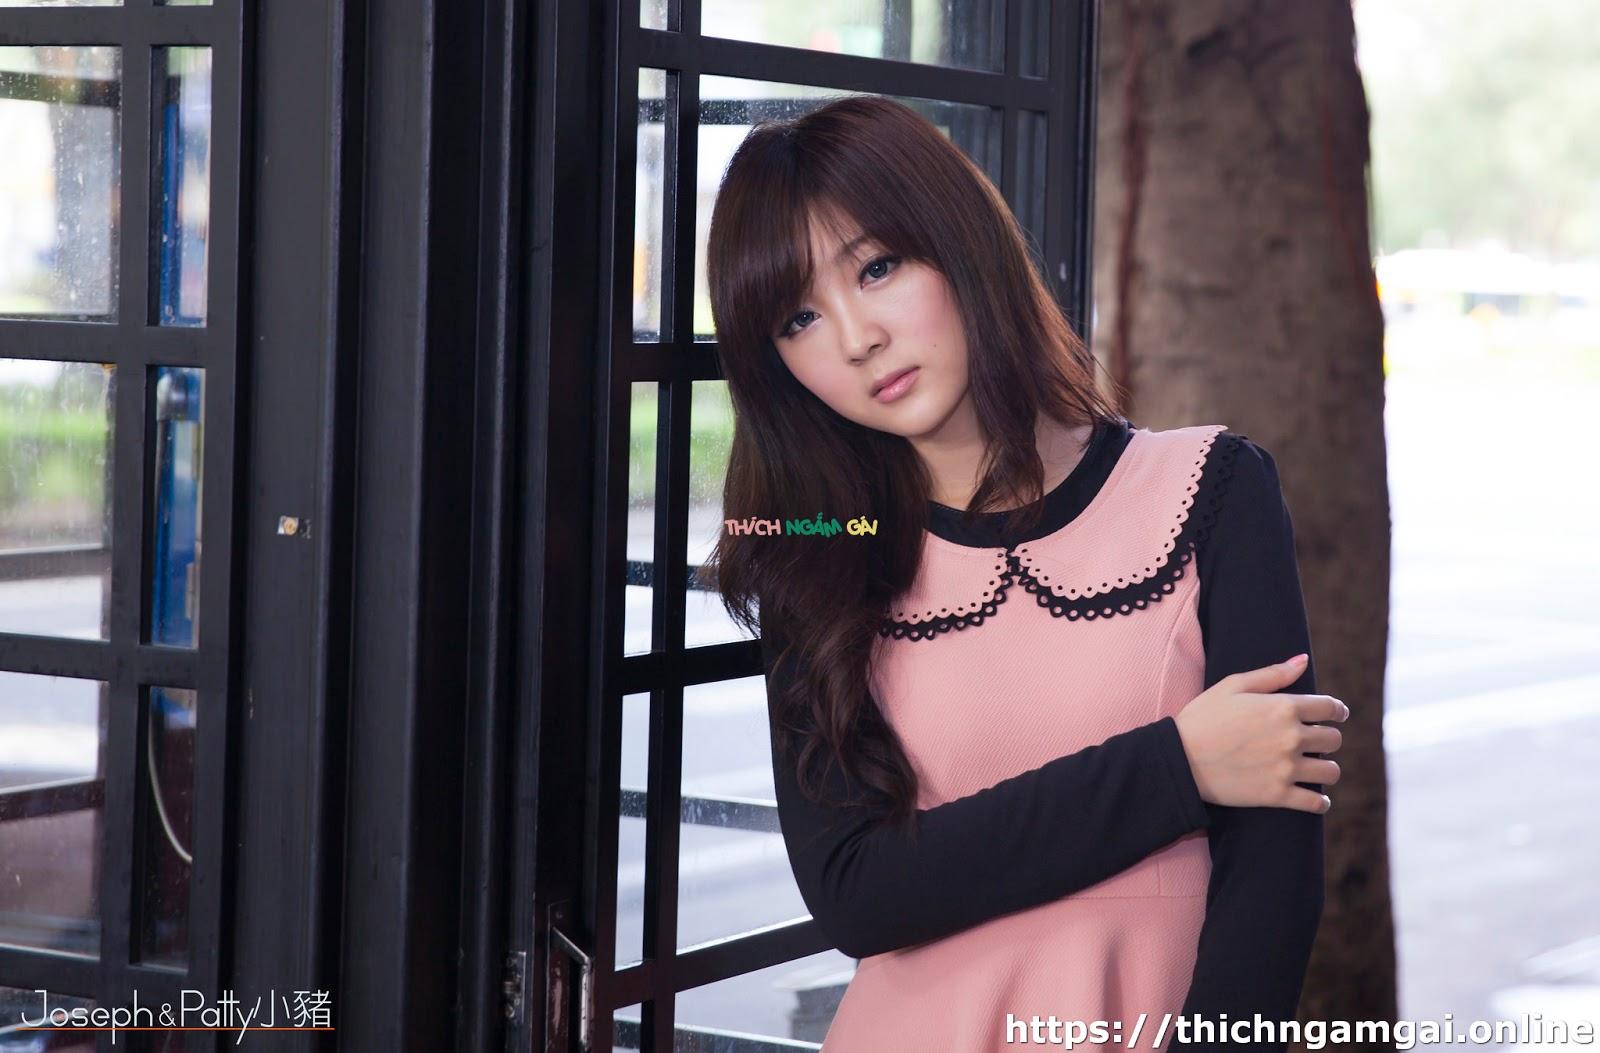 Thích Ngắm Gái 308.%2B_MG_9972%2B%2528Large%2B2048%2529 Tuyển Tập Girls Xinh Việt Nam (Phần 70)